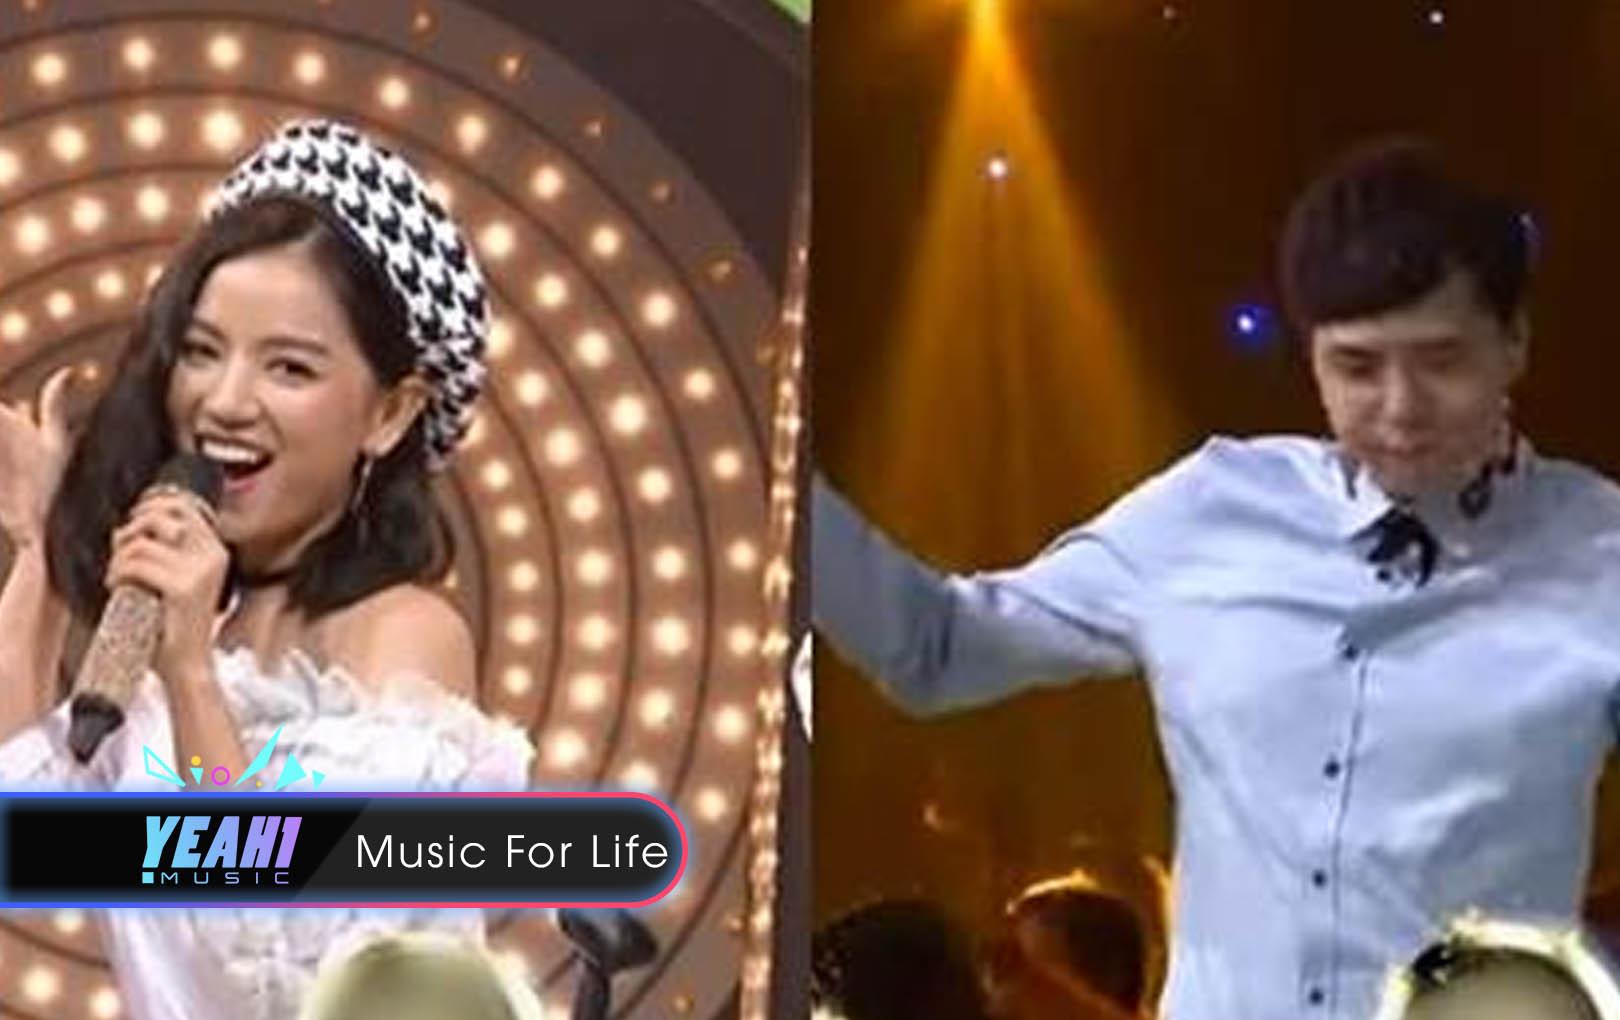 Tưởng không hát nổi hit 'Cô Ba Sài Gòn', gái xinh vừa khoe giọng, Trịnh Thăng Bình ào lên quẩy vì quá sung